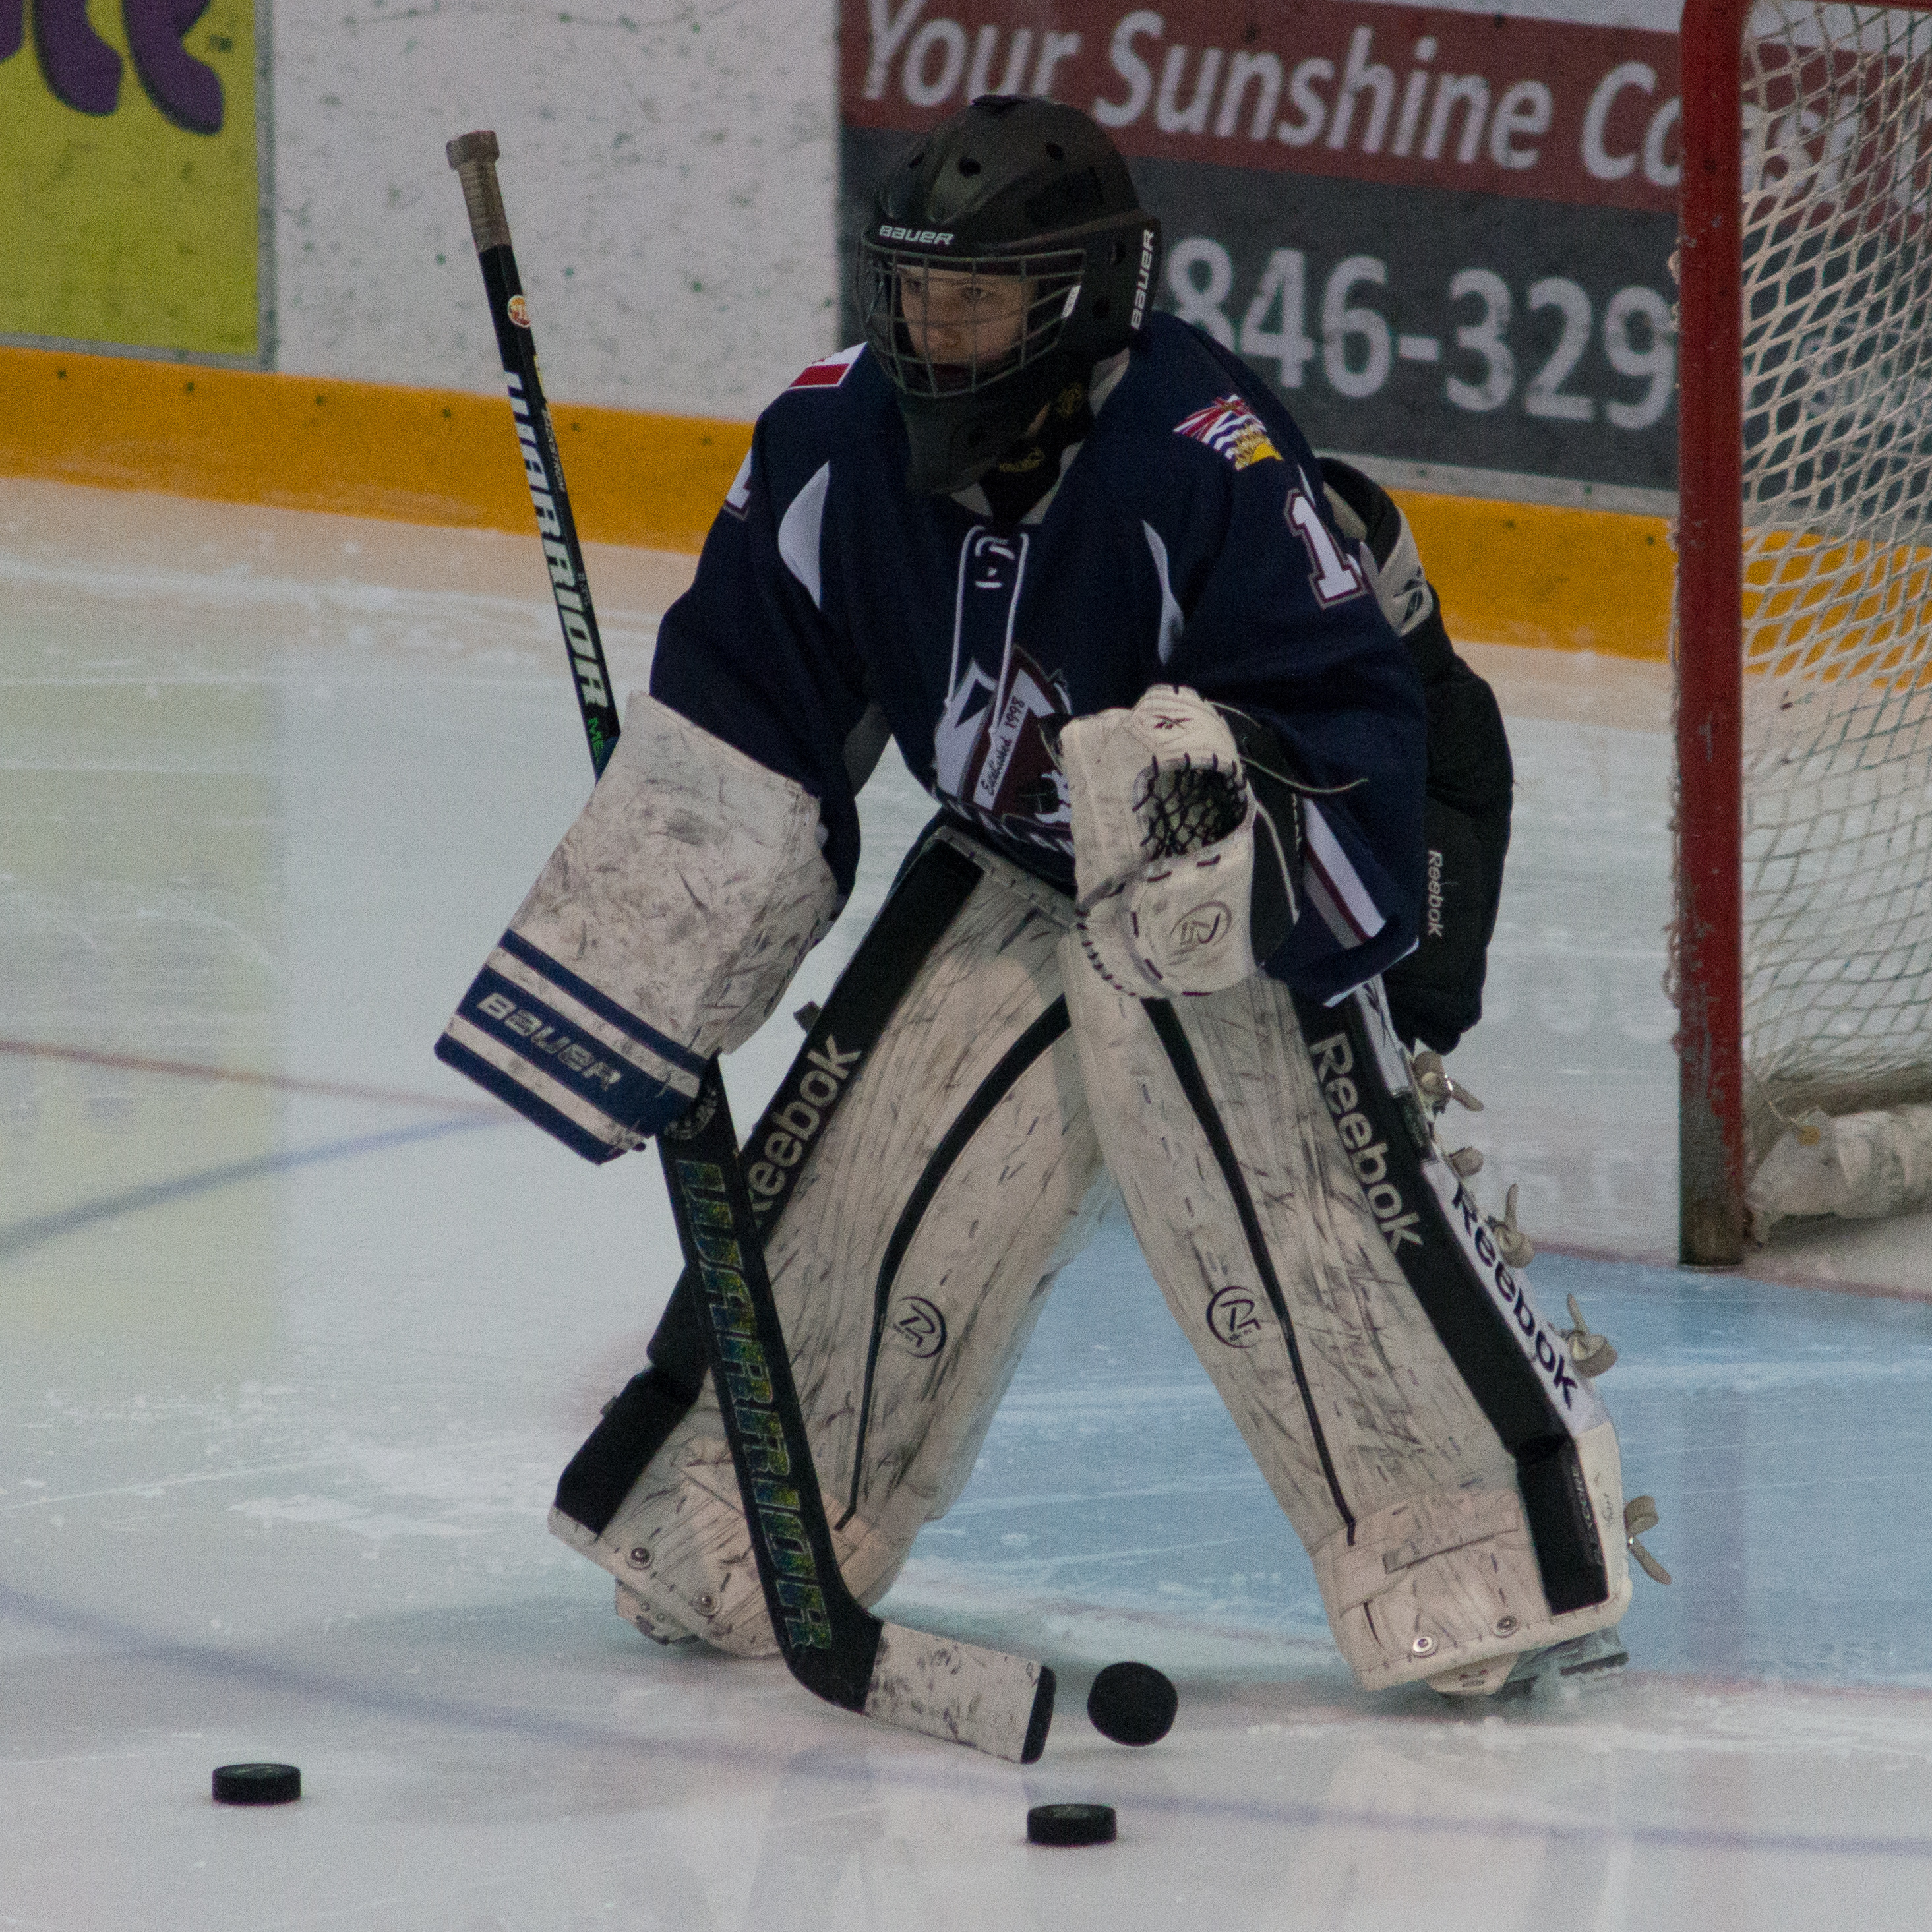 Sheer Hockey Training Design Hosting Registration